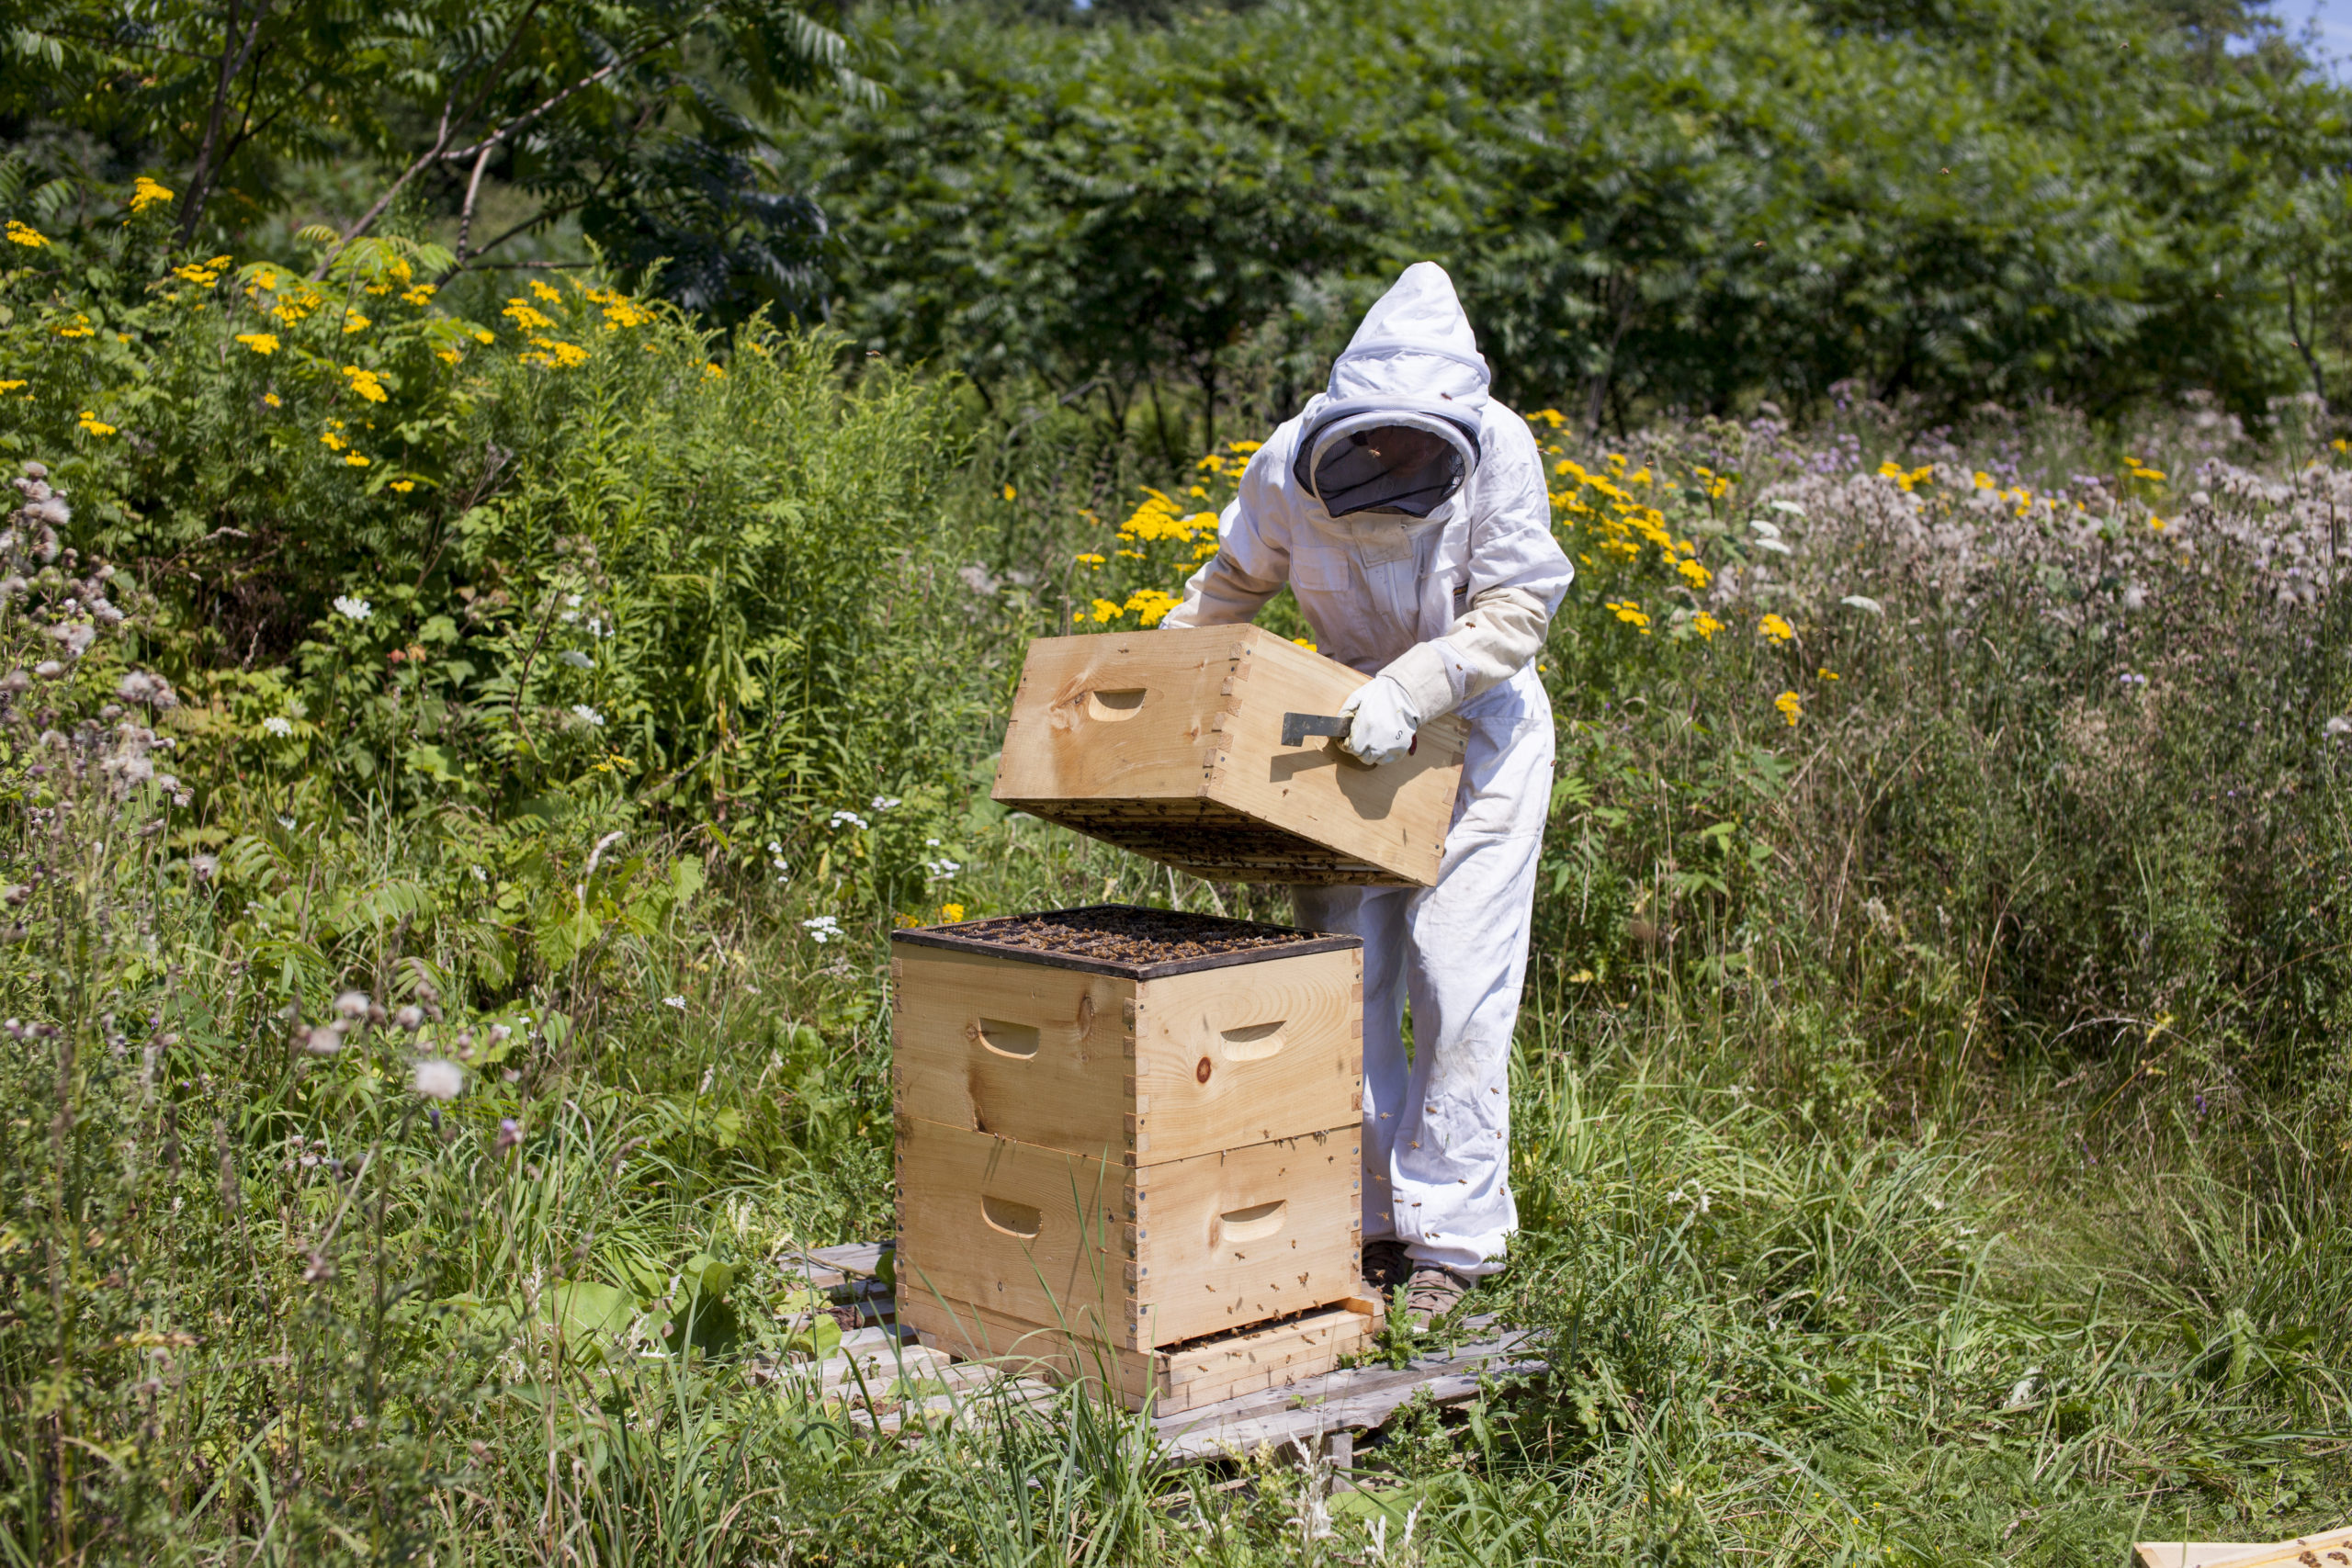 reine, ouvrière, abeille, alvéole, ruche, activités abeilles, gestion rucher, formation, initiation